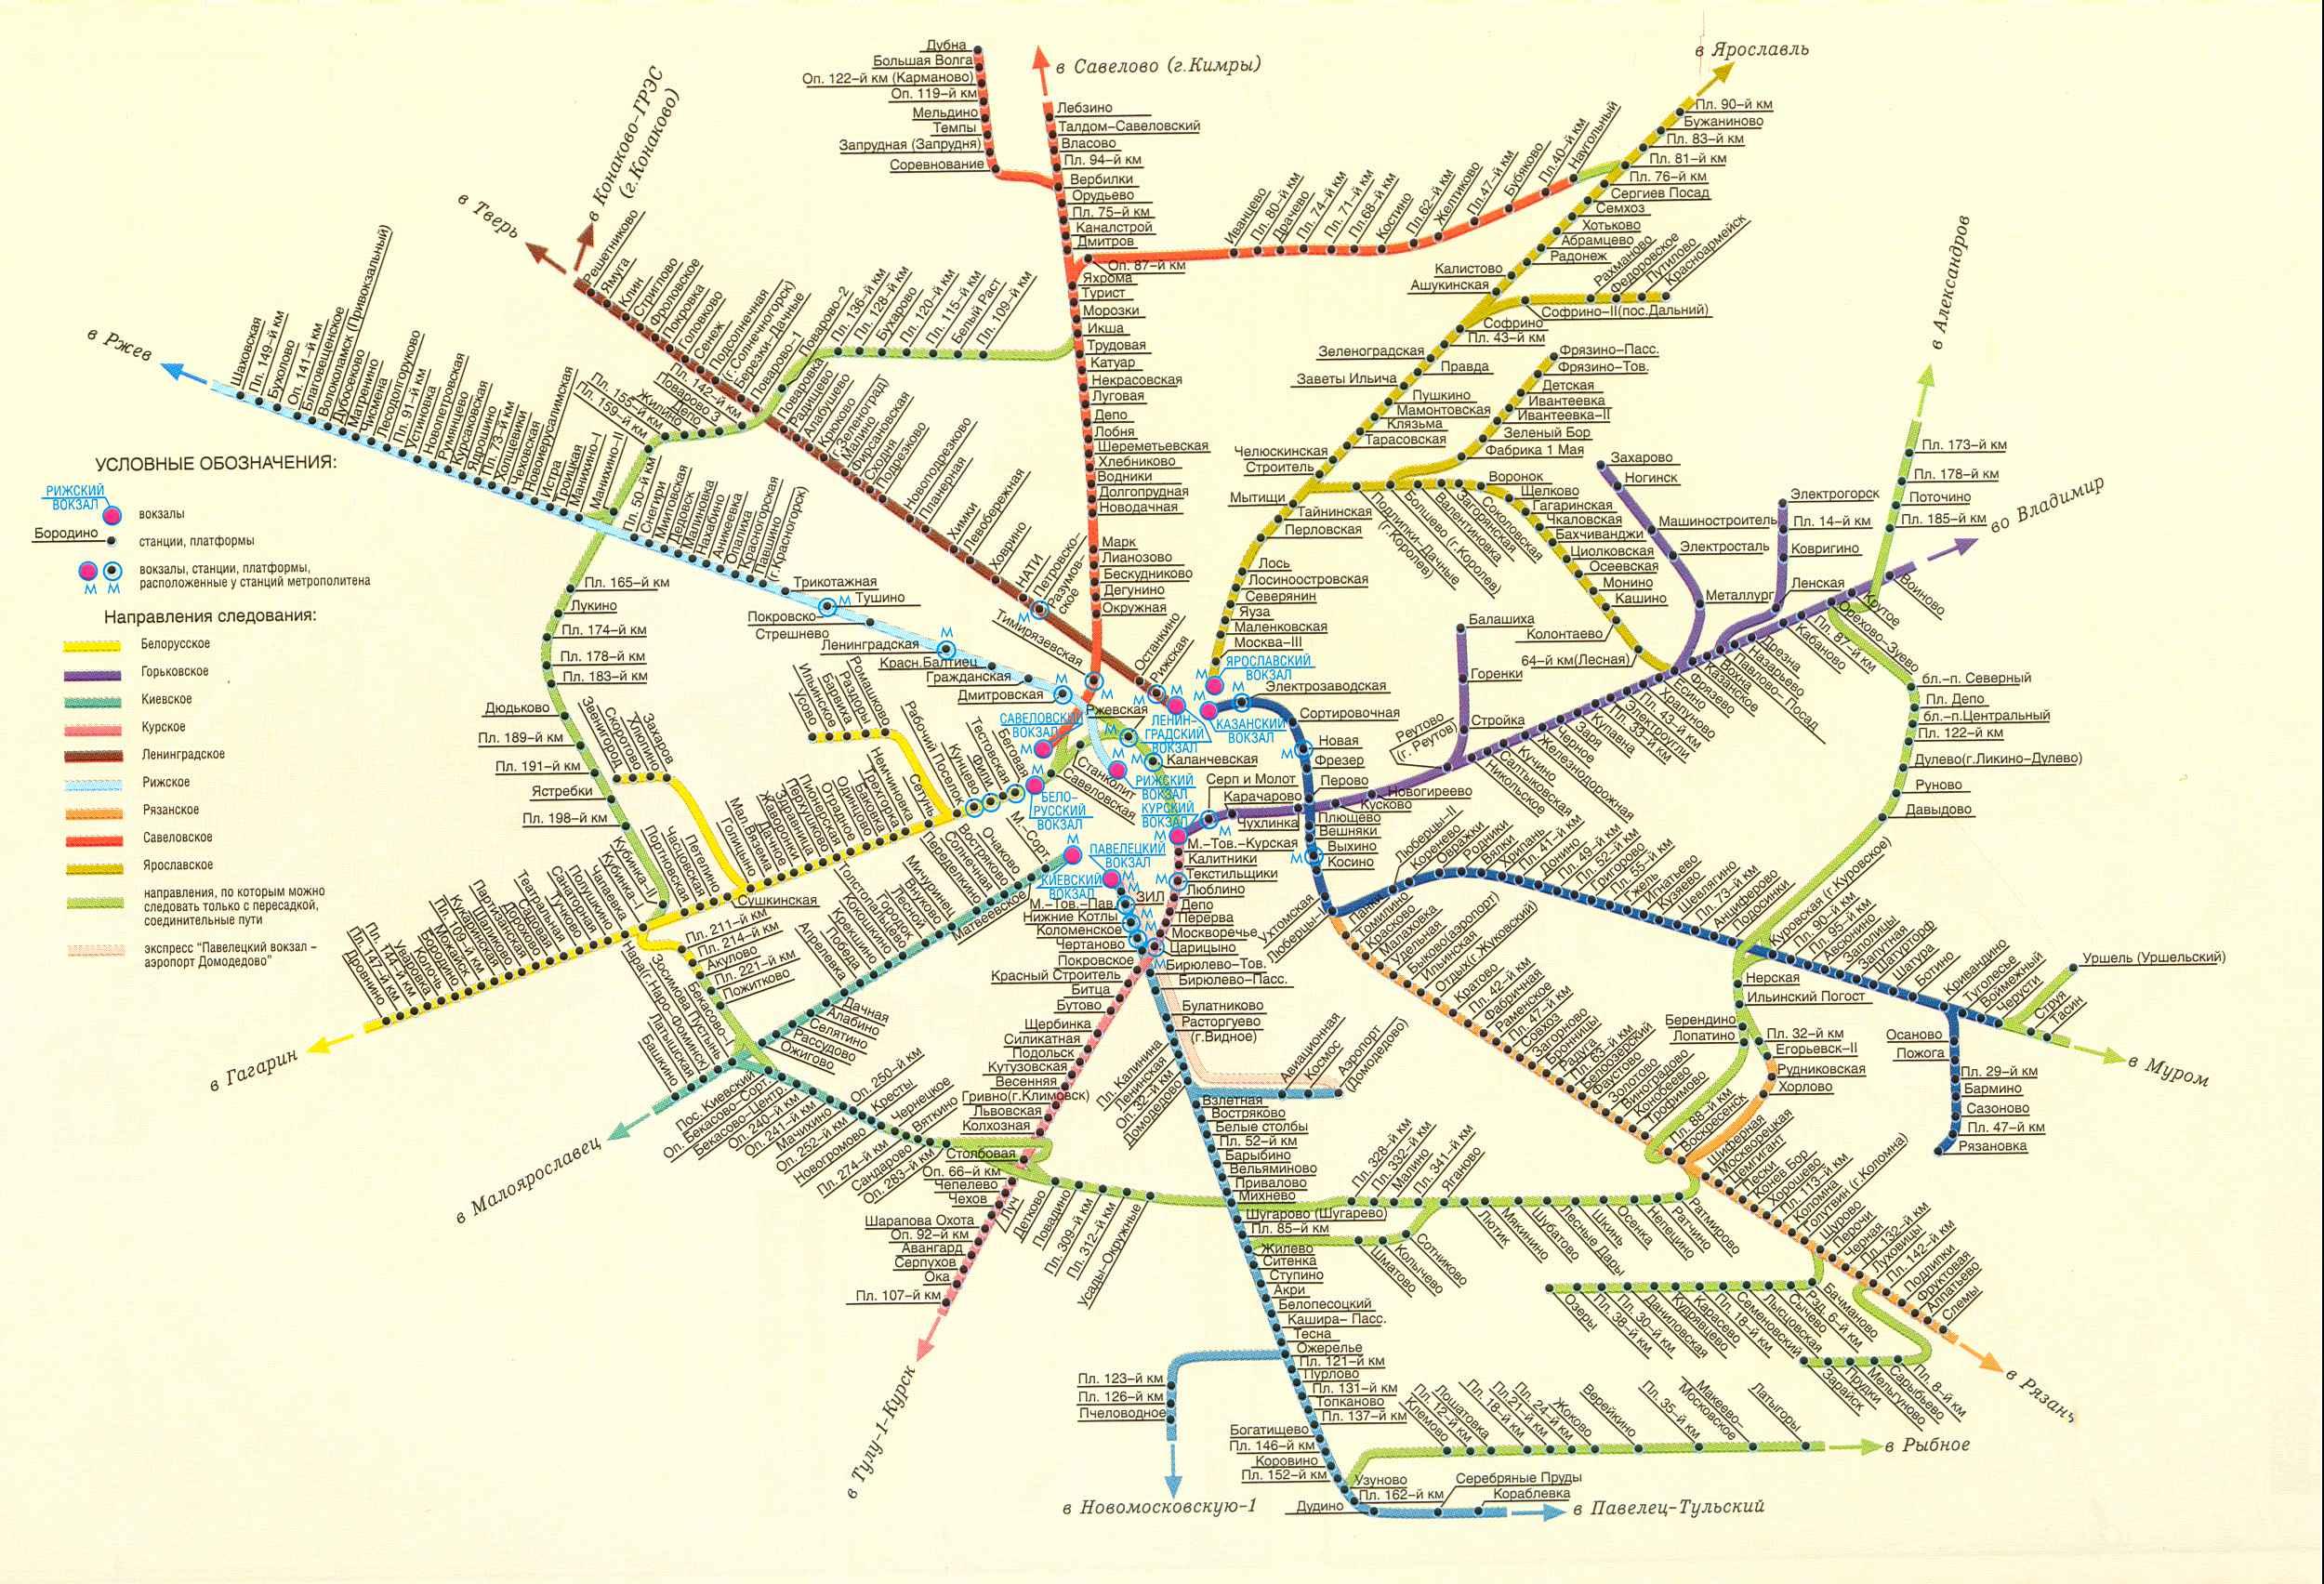 Карта схема пригородных электричек г.Москва.  Скачать бесплатно карту.